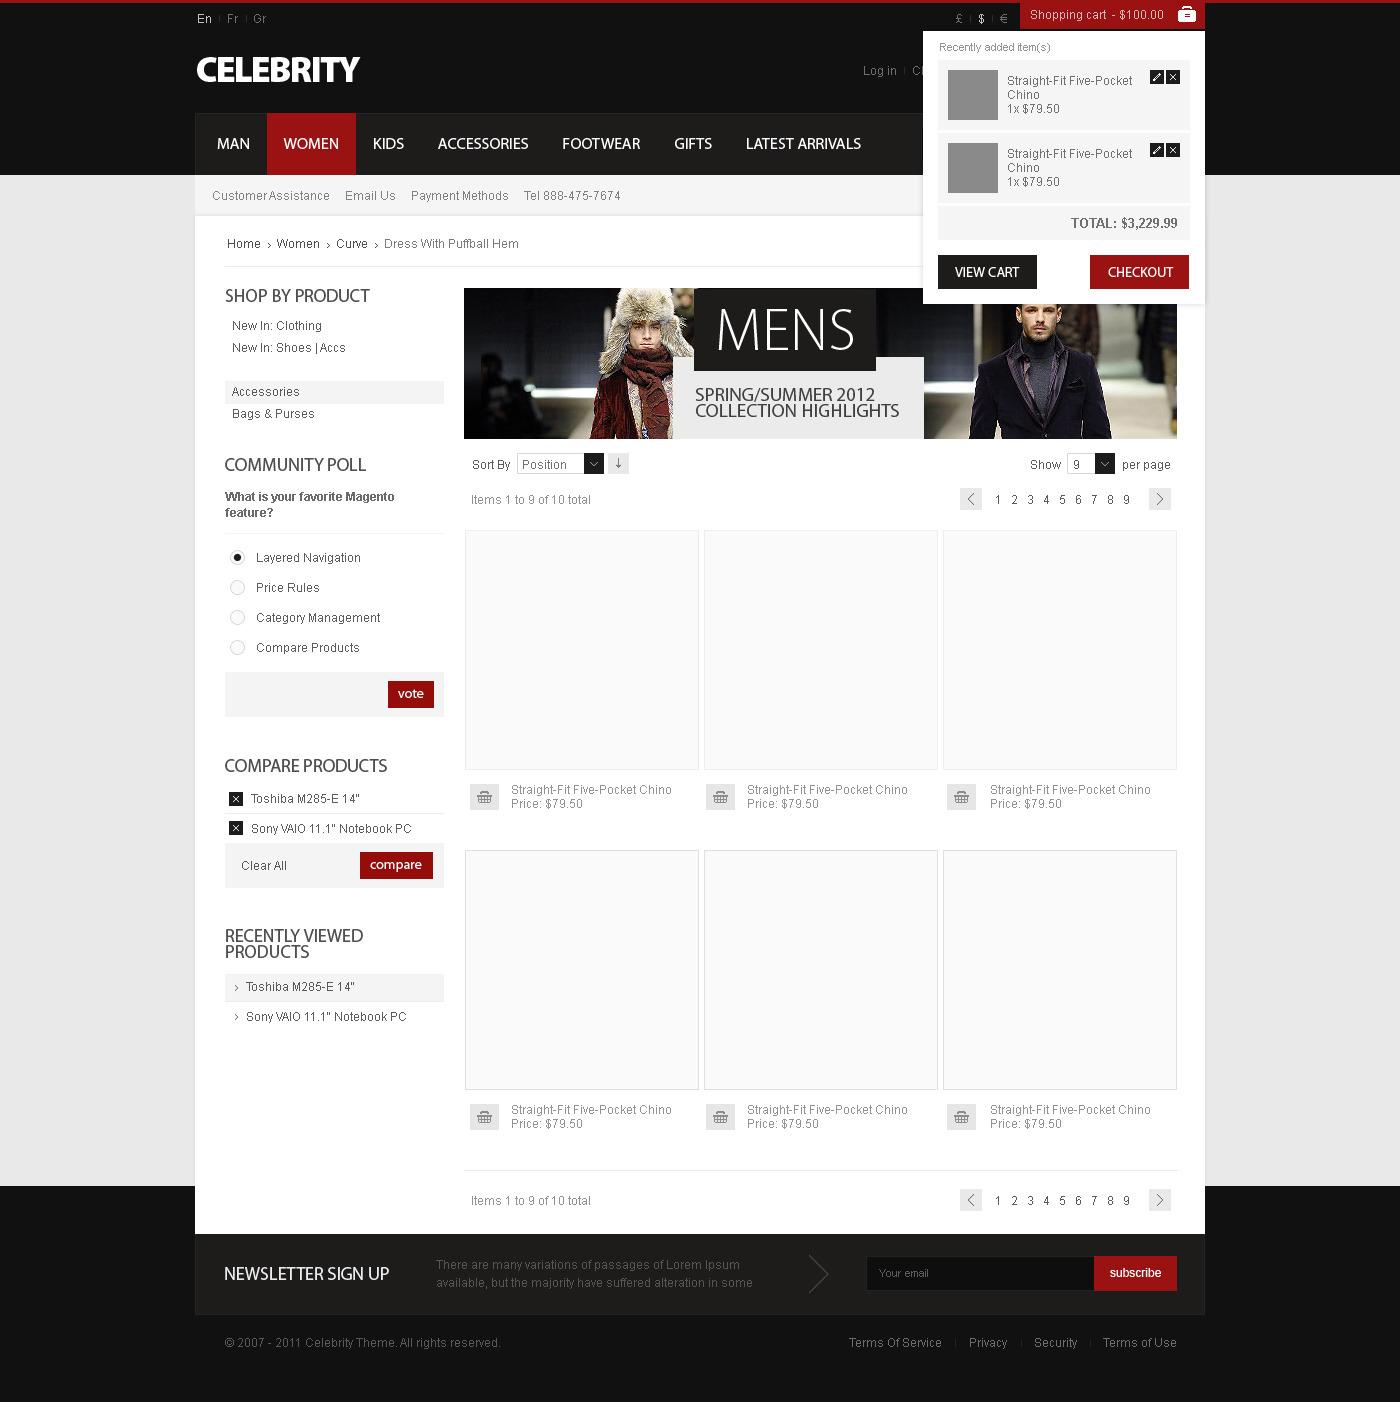 Celebrity - Responsive Magento theme